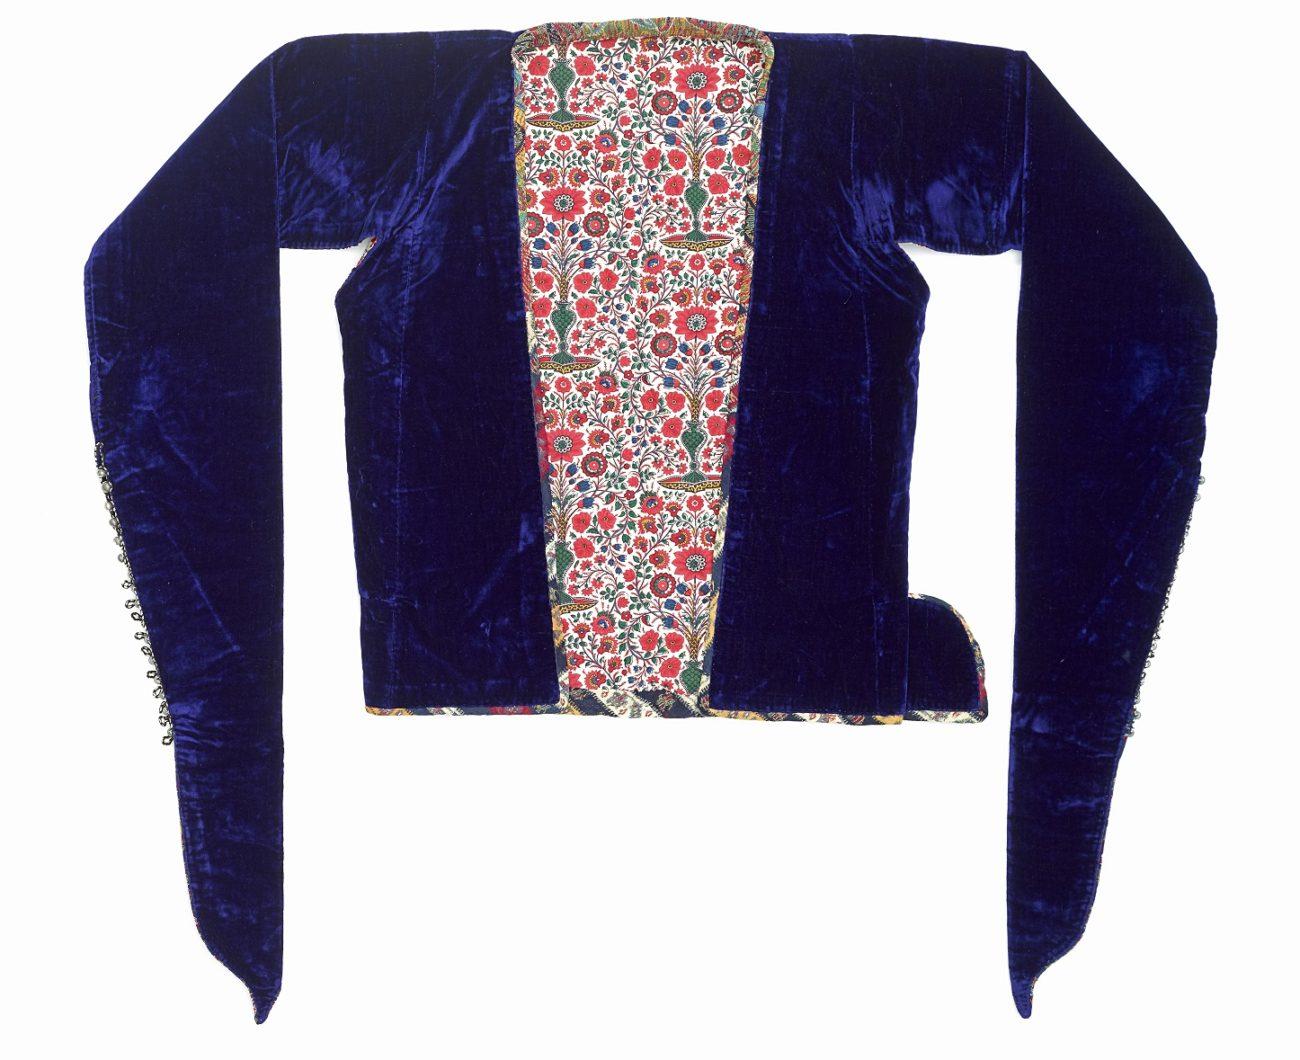 Damesjasje, Iran, zijden fluweel, wollen stof (termeh), katoen, 1875-1895.